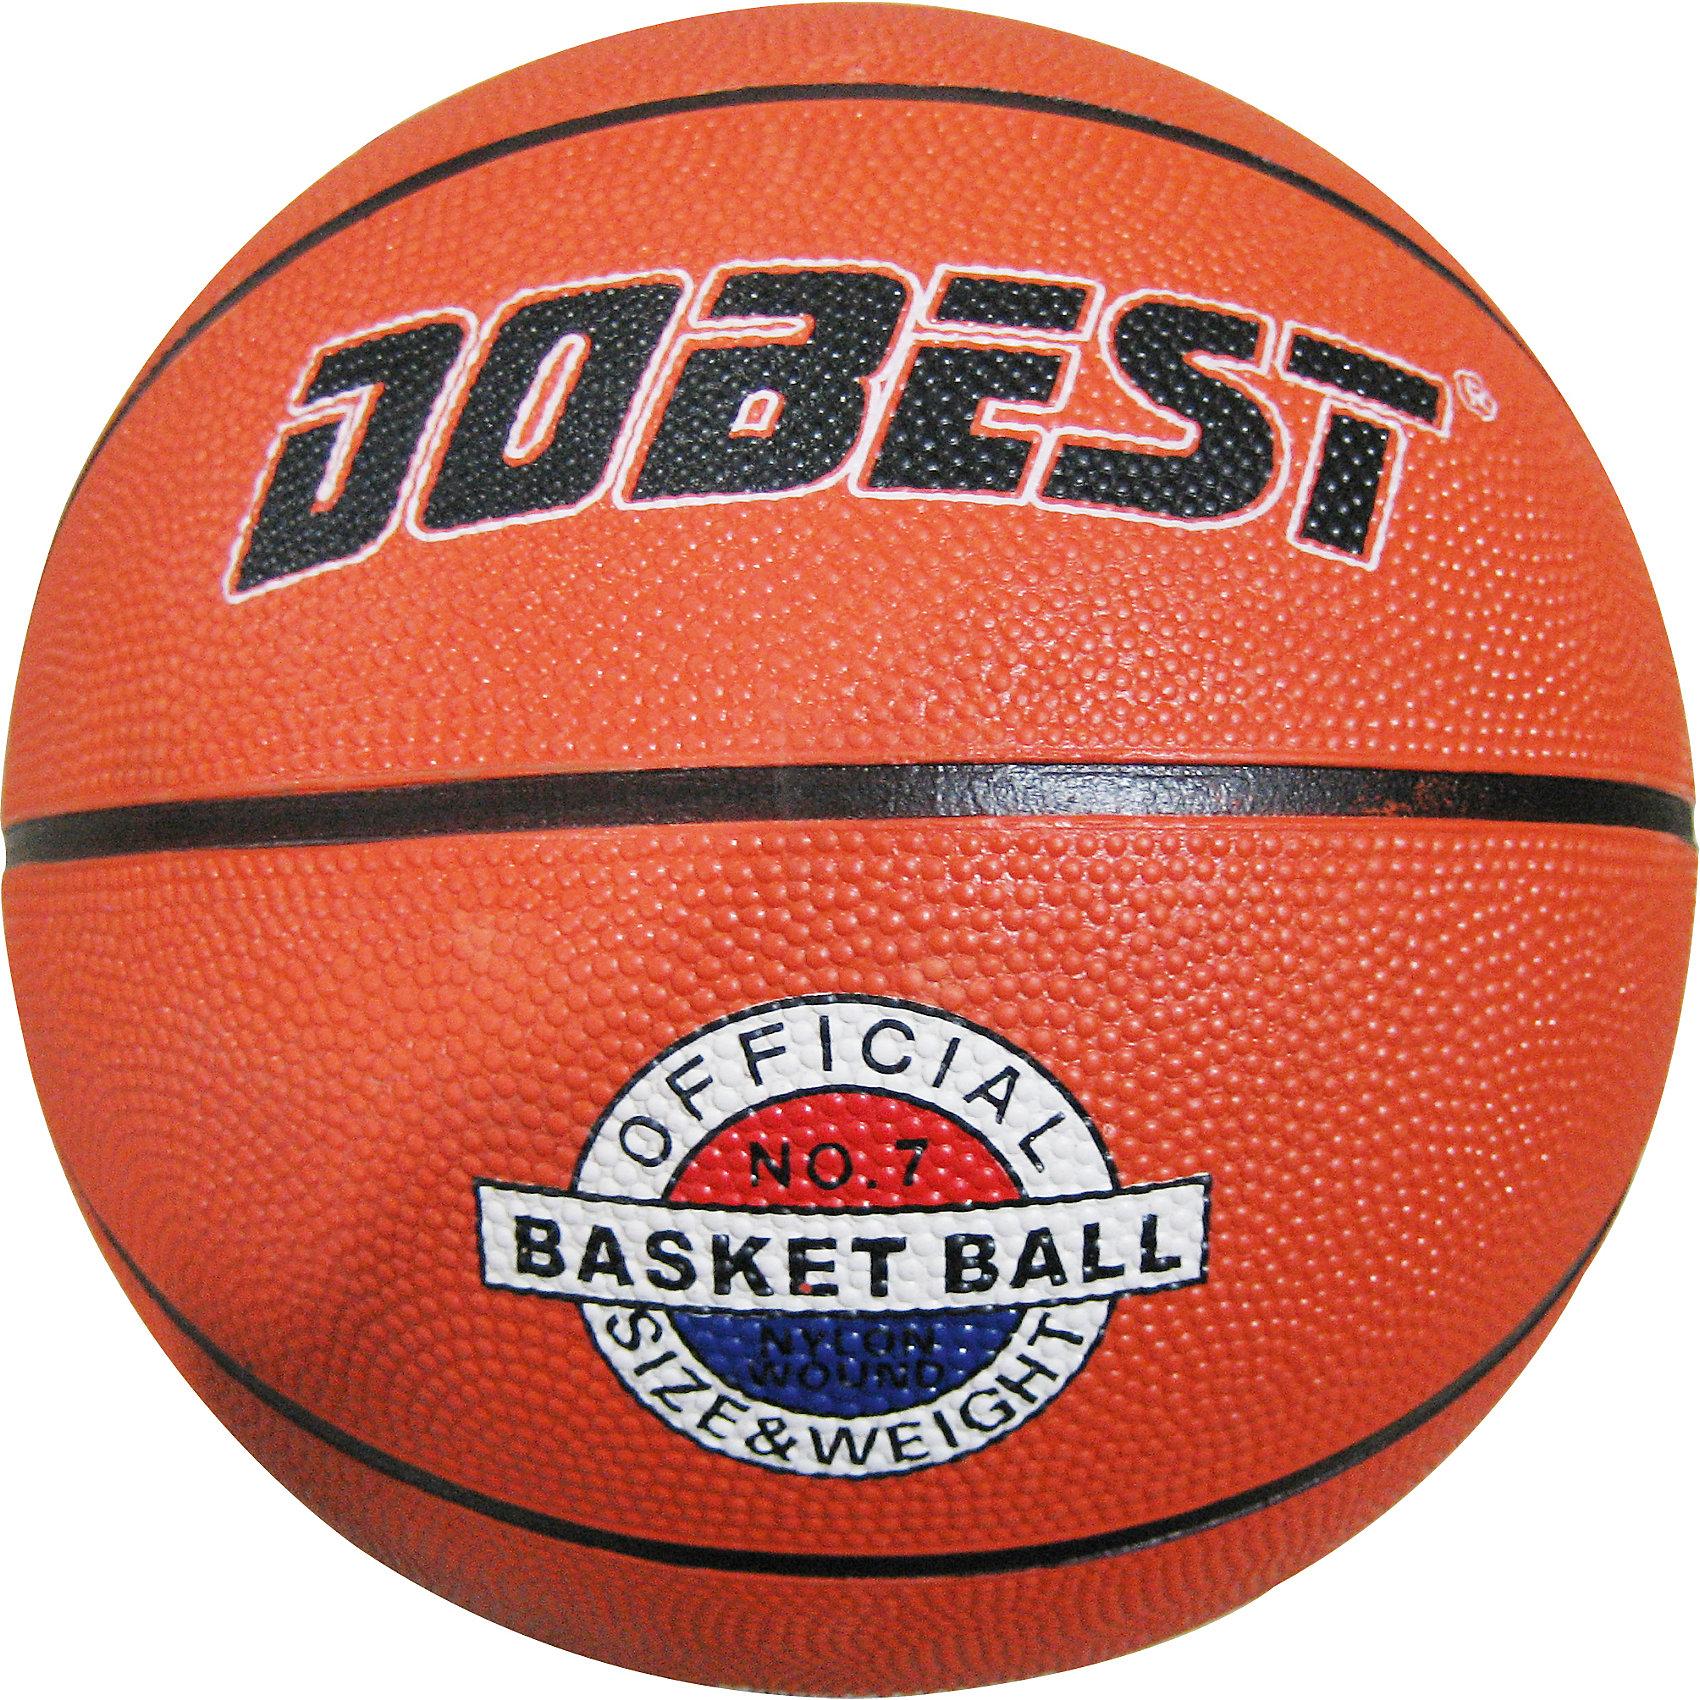 Баскетбольный мяч RB7-0886, р.7 резина, оранж., DobestОсновные характеристики<br><br>Вид: баскетбольный<br>Уровень игры: любительский<br>Размер: 7<br>Количество панелей: 8<br>Количество слоев: 3<br>Вес: 600 гр.<br>Диаметр: 25 см<br>Цвет: оранжевый<br>Материал: резина<br>Мяч подходит для игры на улице и в зале<br>Страна-производитель: Китай <br>Упаковка: пакет (поставляется в сдутом виде)<br><br>Мяч баскетбольный Dobest RB7-0886 прекрасно подойдёт для игры во всеми любимый, остающийся уже долгие годы актуальным, интересным и популярным видом спорта, баскетбол. Ни для кого не секрет, что активные физические нагрузки очень полезны и нужны человеческому организму. А баскетбол, - это, пожалуй, одна из тех игр, в которых активно работают практически все мышцы тела, тренируются лёгкие, выносливость.<br><br>Ширина мм: 280<br>Глубина мм: 280<br>Высота мм: 100<br>Вес г: 600<br>Возраст от месяцев: 36<br>Возраст до месяцев: 192<br>Пол: Унисекс<br>Возраст: Детский<br>SKU: 5056629